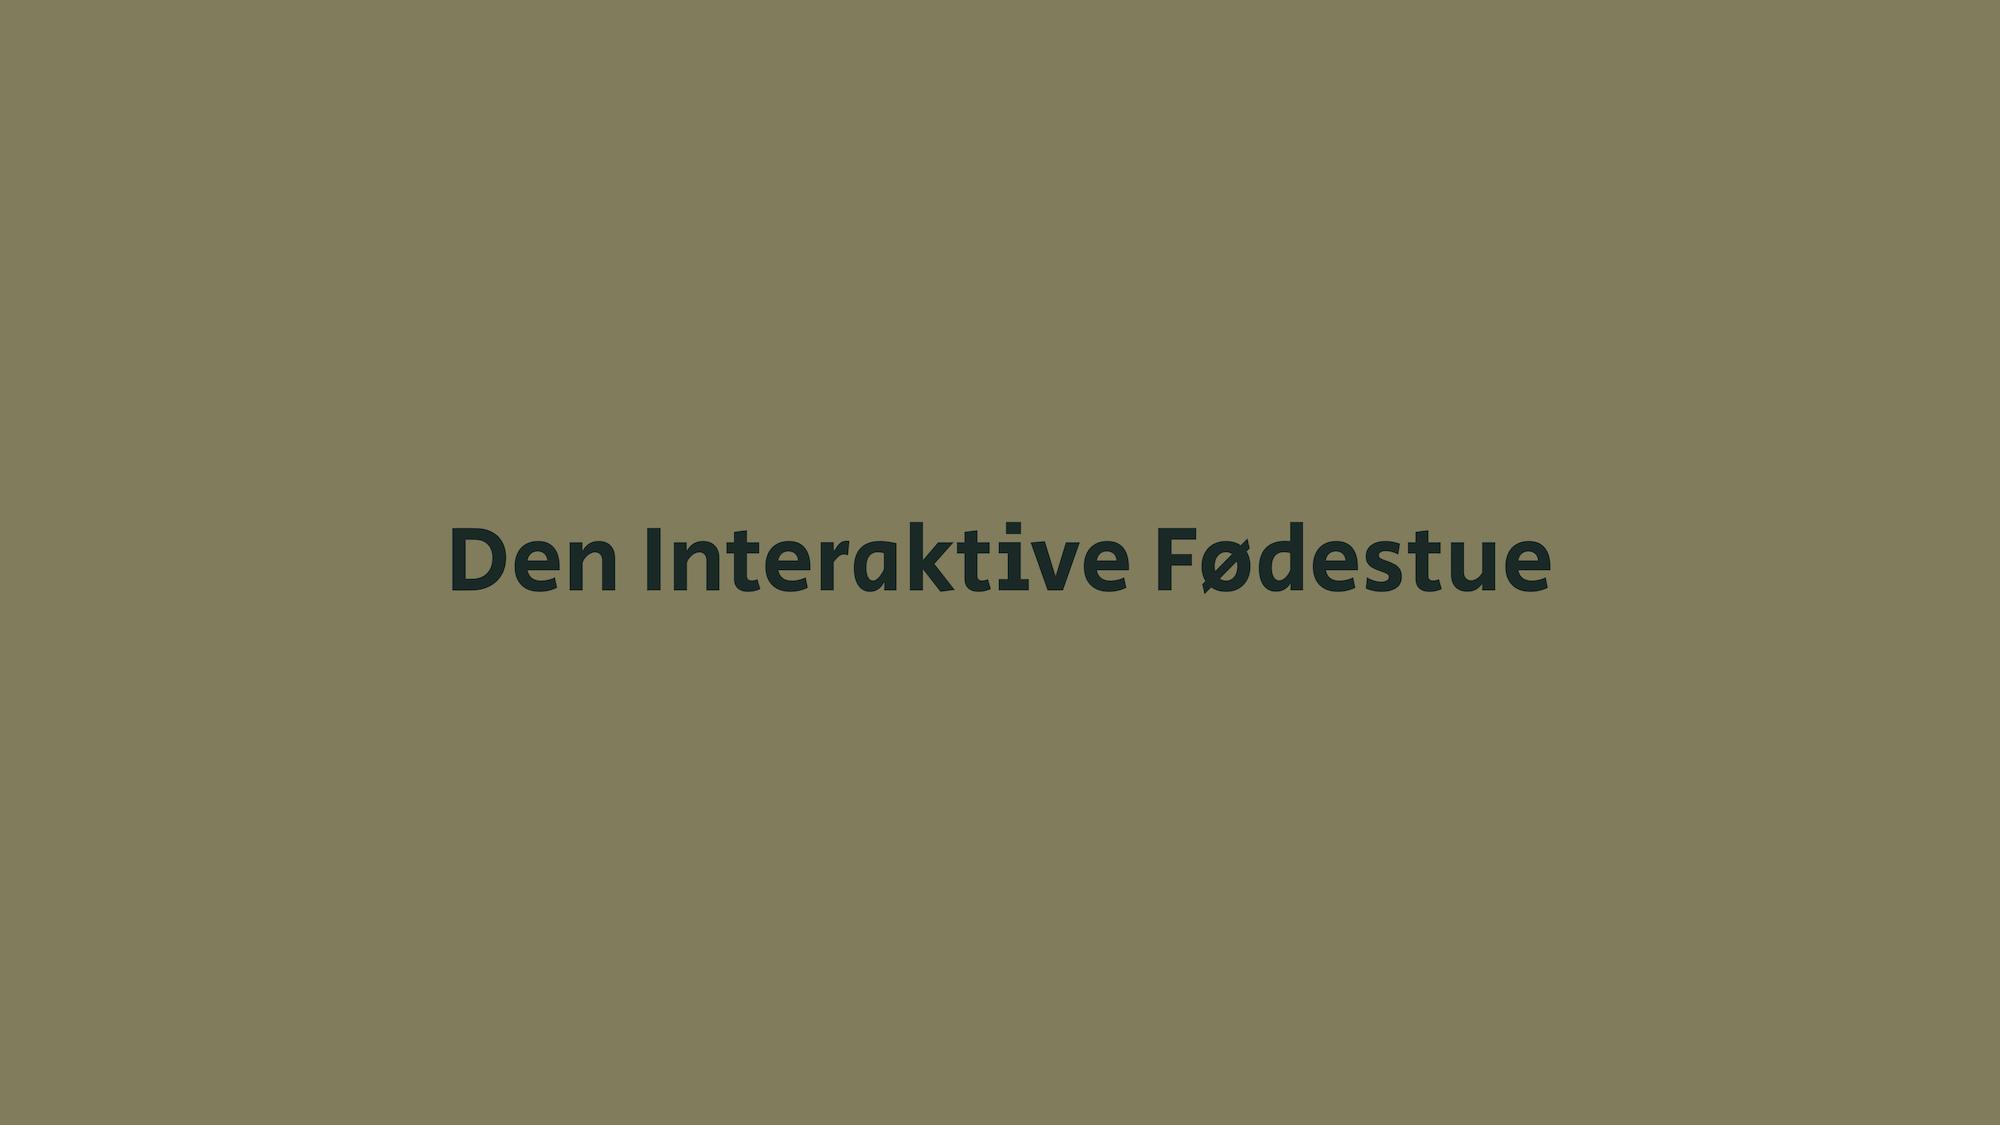 Den interaktive fødestue